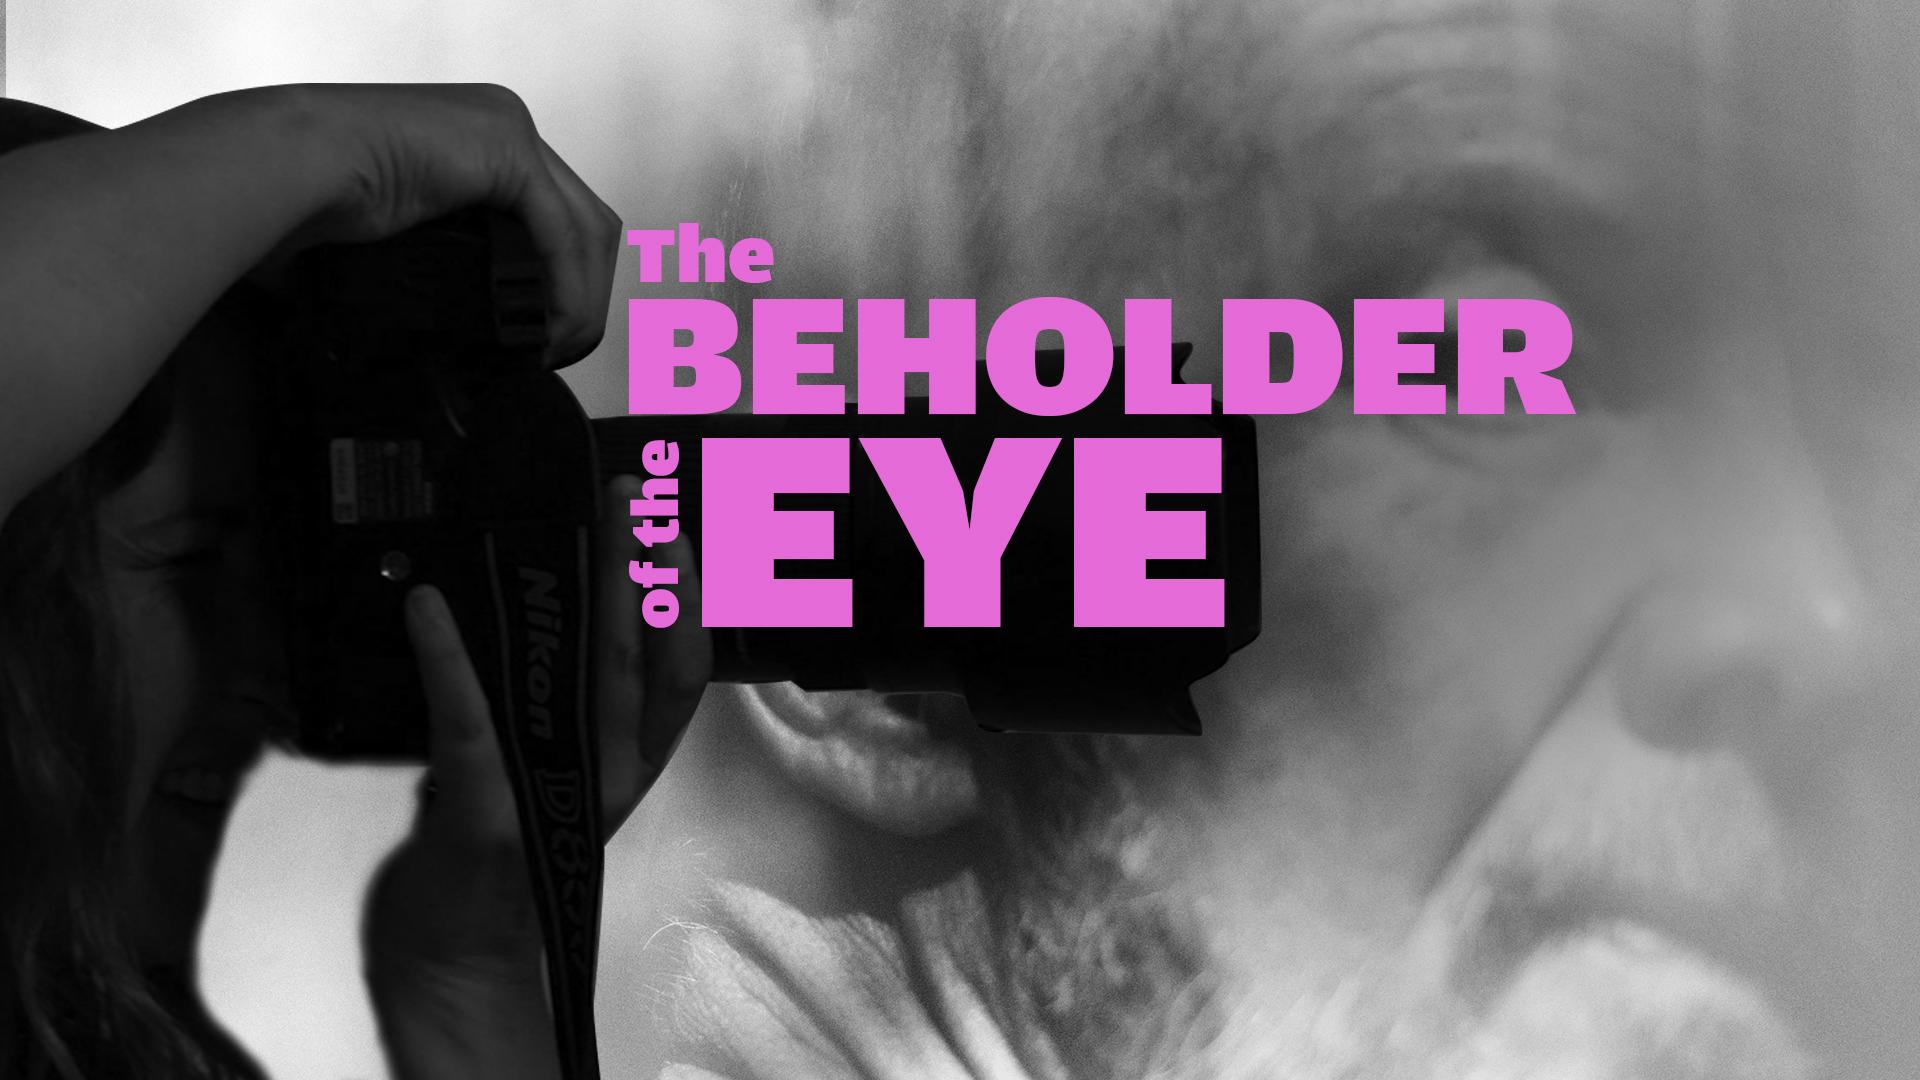 The beholder 4.jpg